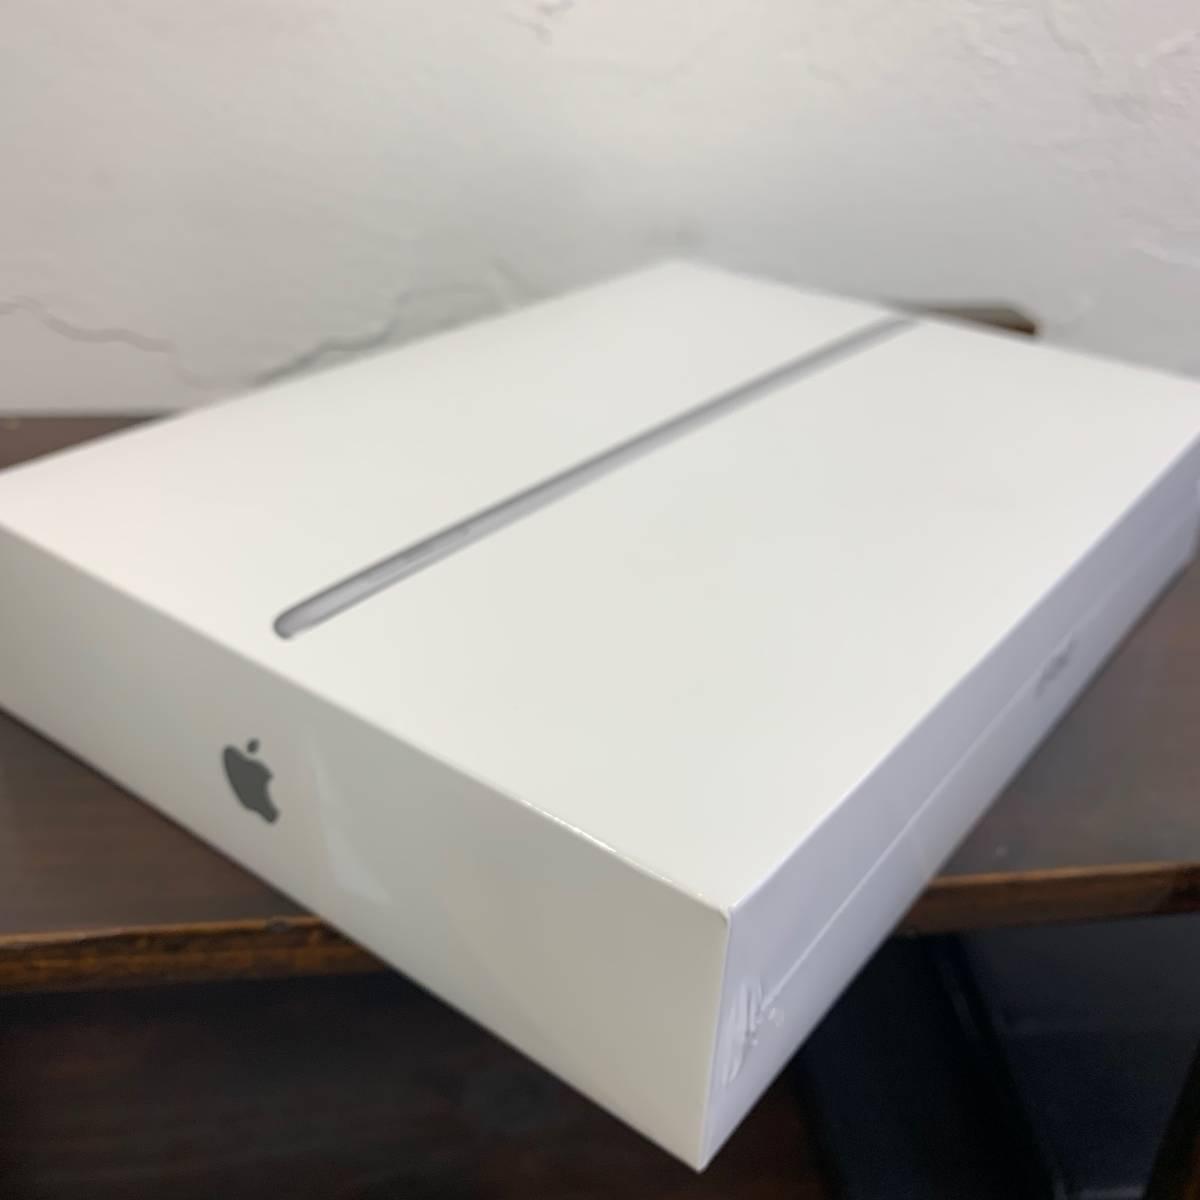 【新品未開封】iPad 6 128GB Space Gray Wi-Fiモデル【国内Apple正規店購入品】 本体+付属品!_画像5